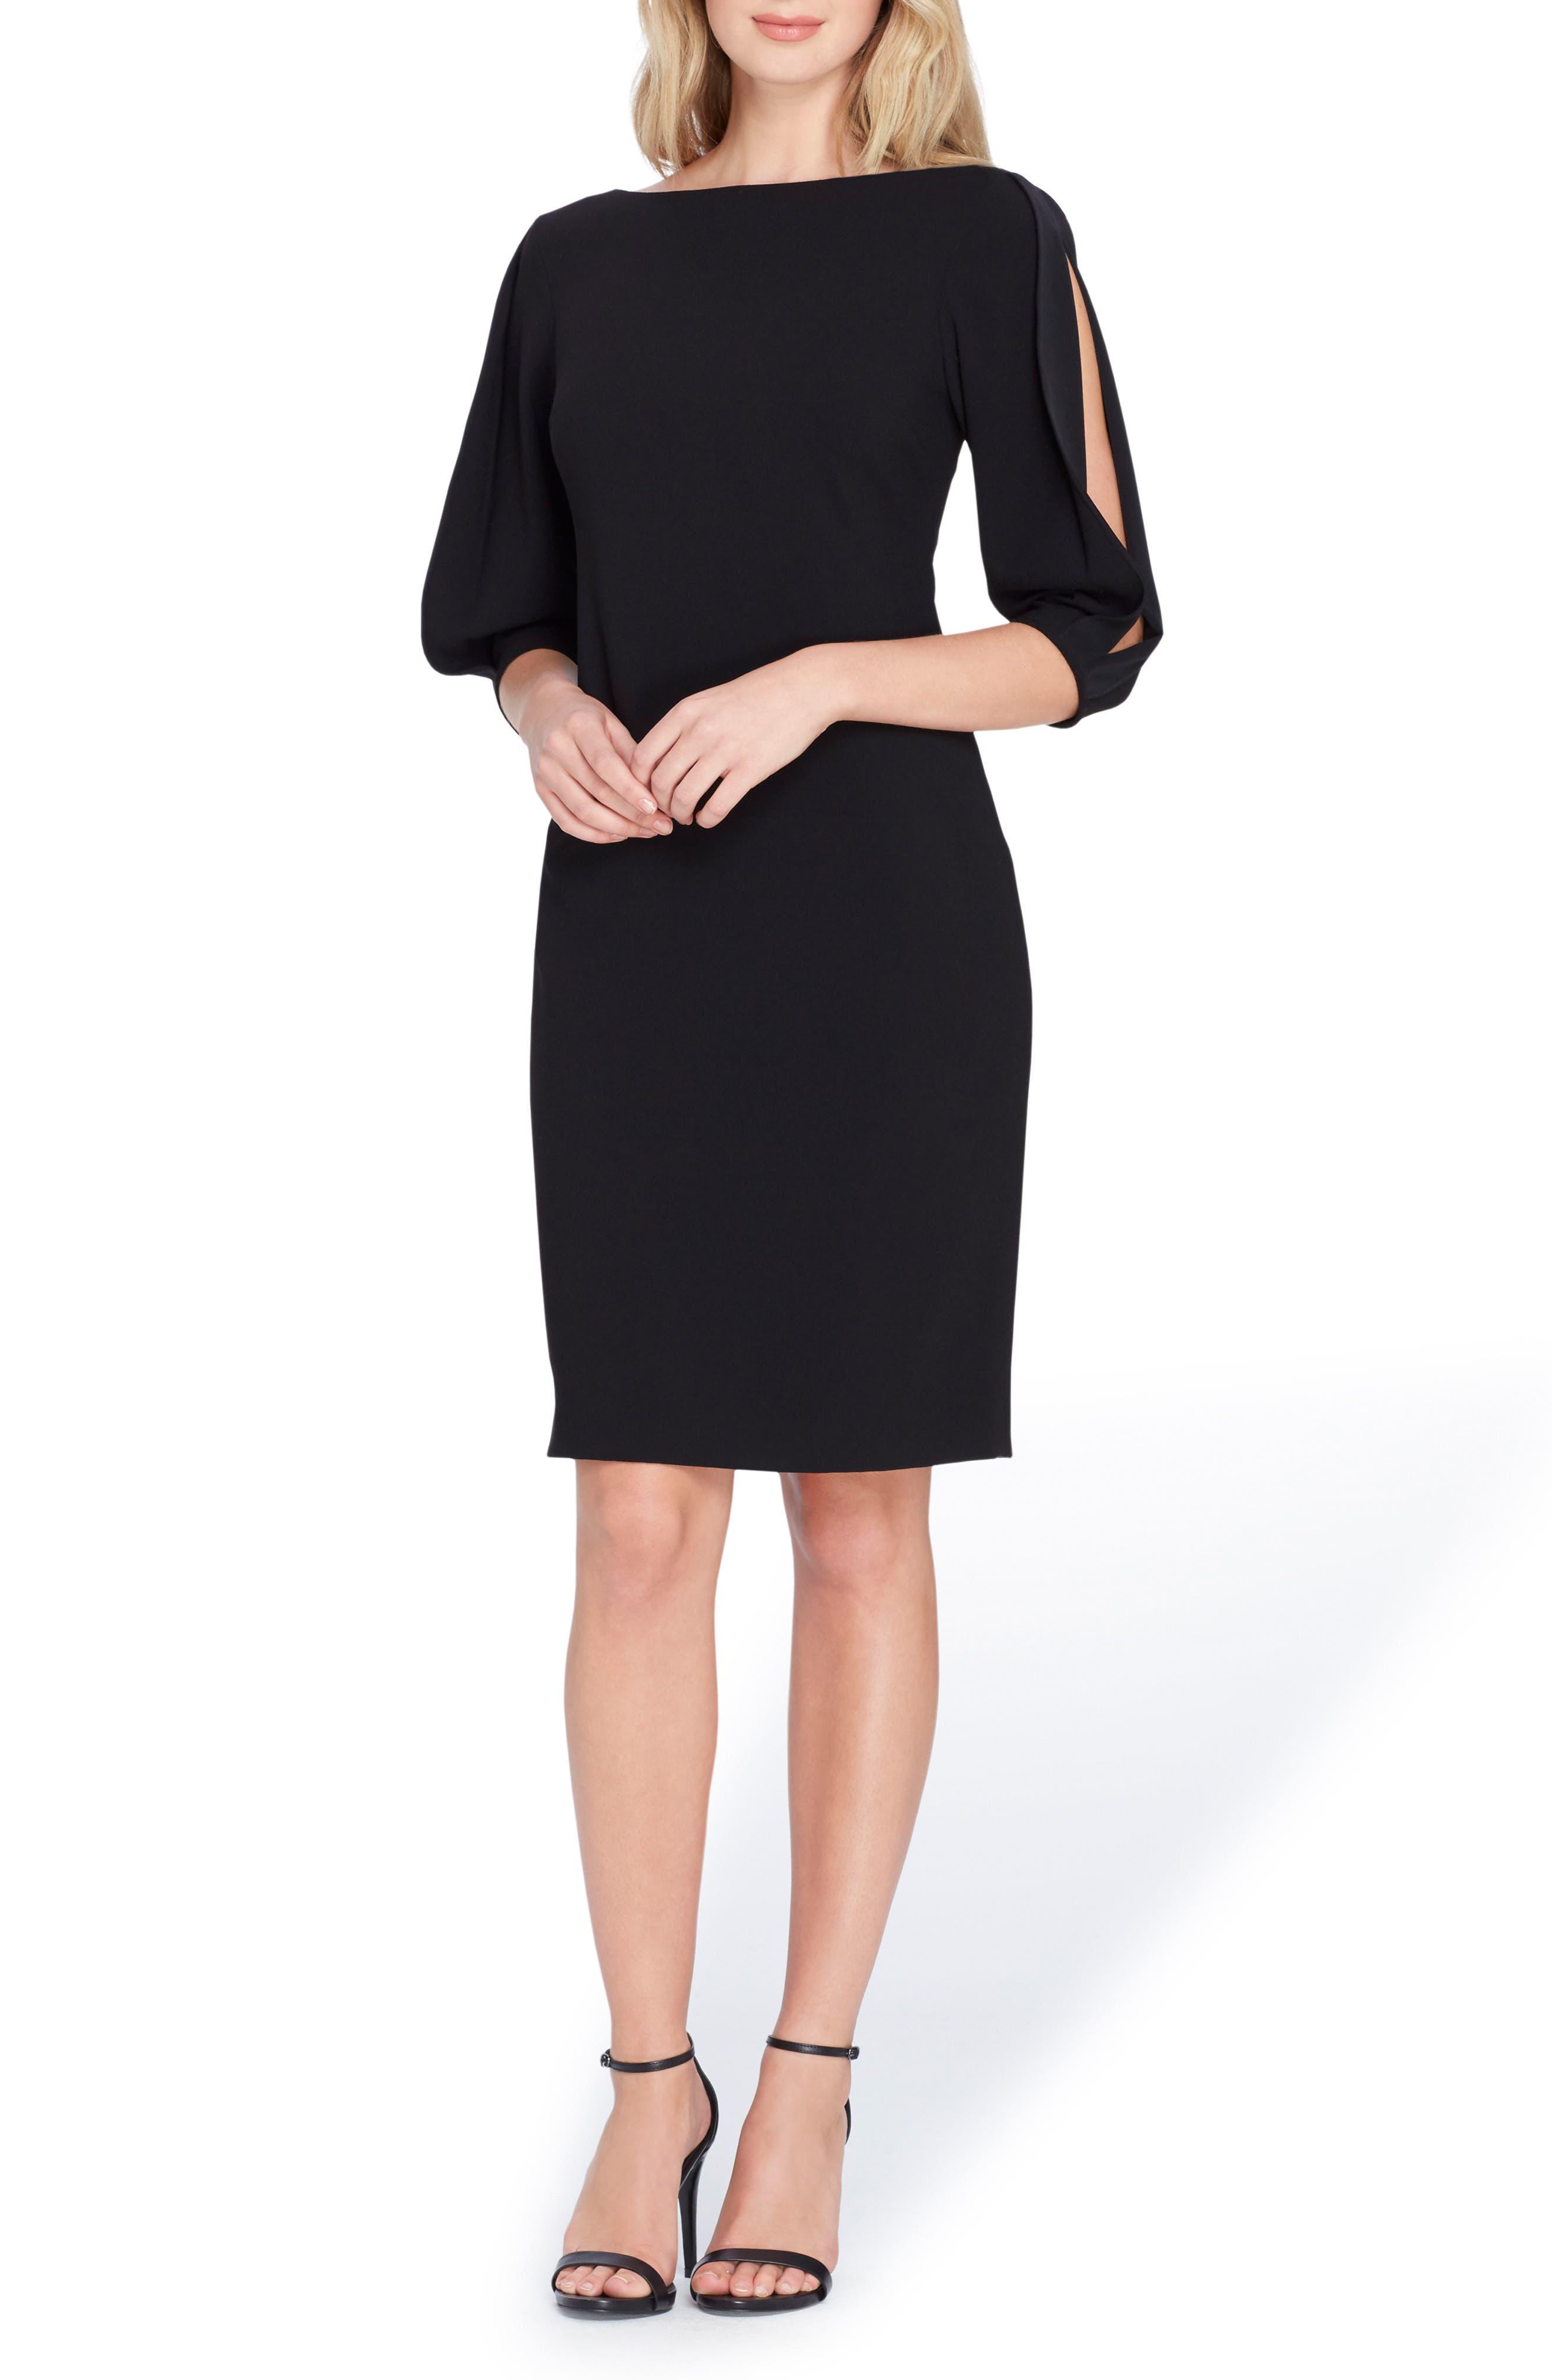 Alternate Image 1 Selected - Tahari Split Sleeve Midi Sheath Dress